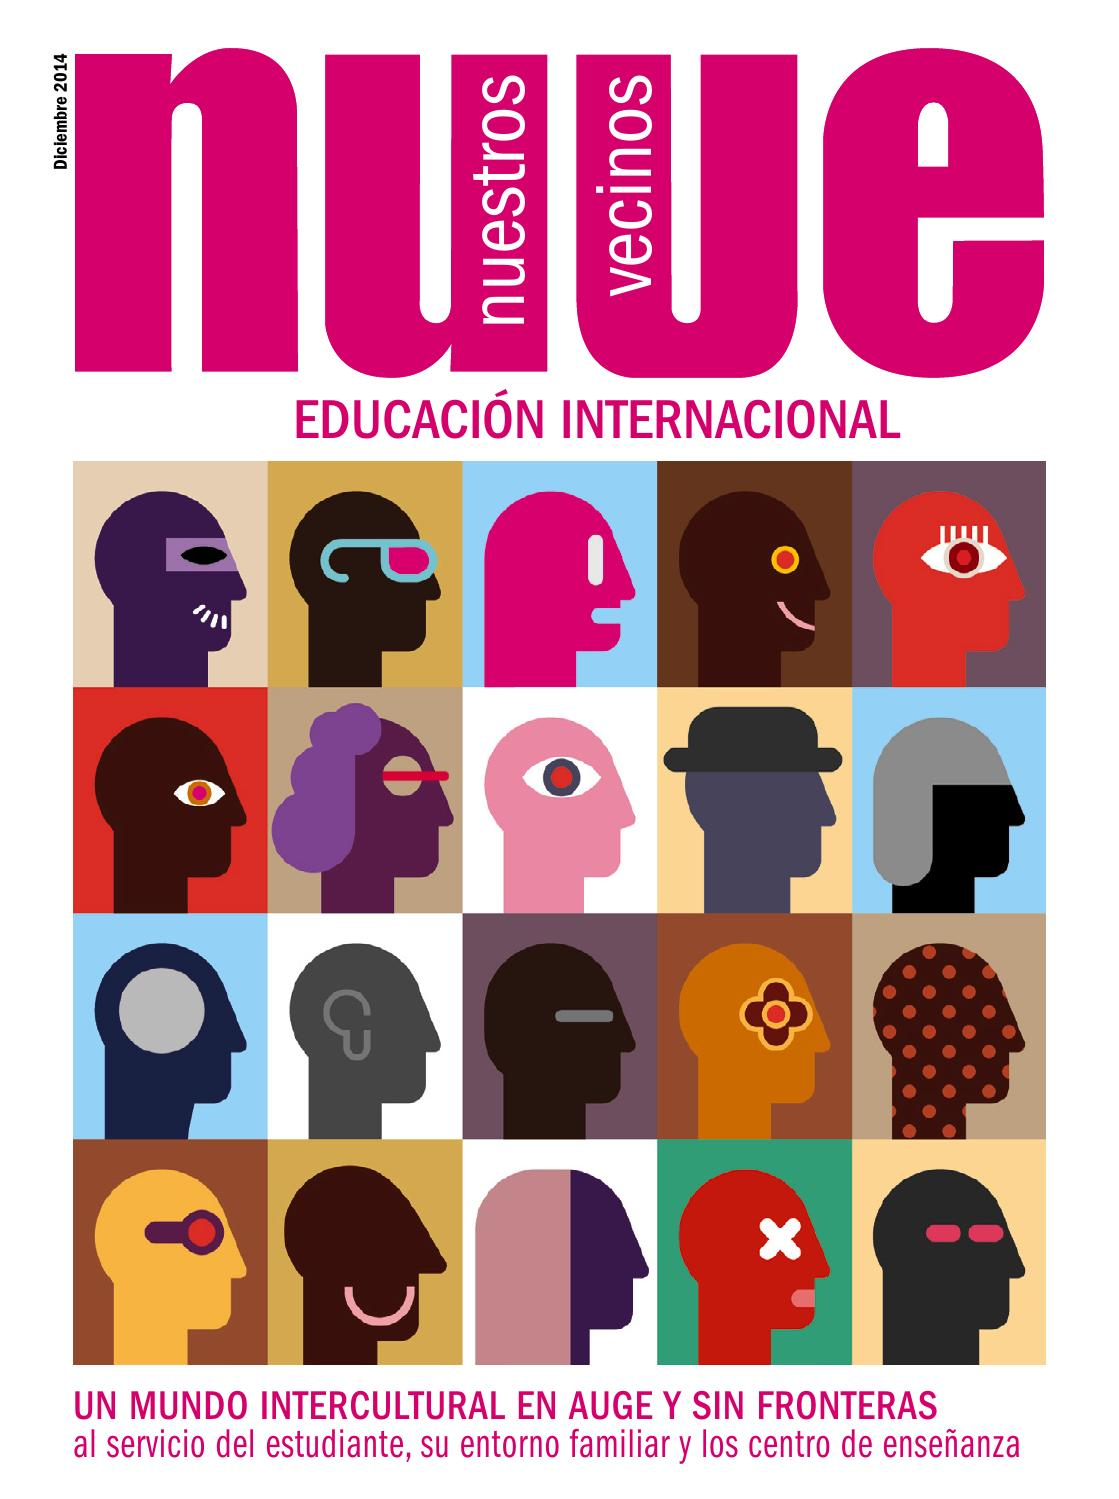 RevistaNUVE 6 - Educación Internacional by Revista NUVE - issuu